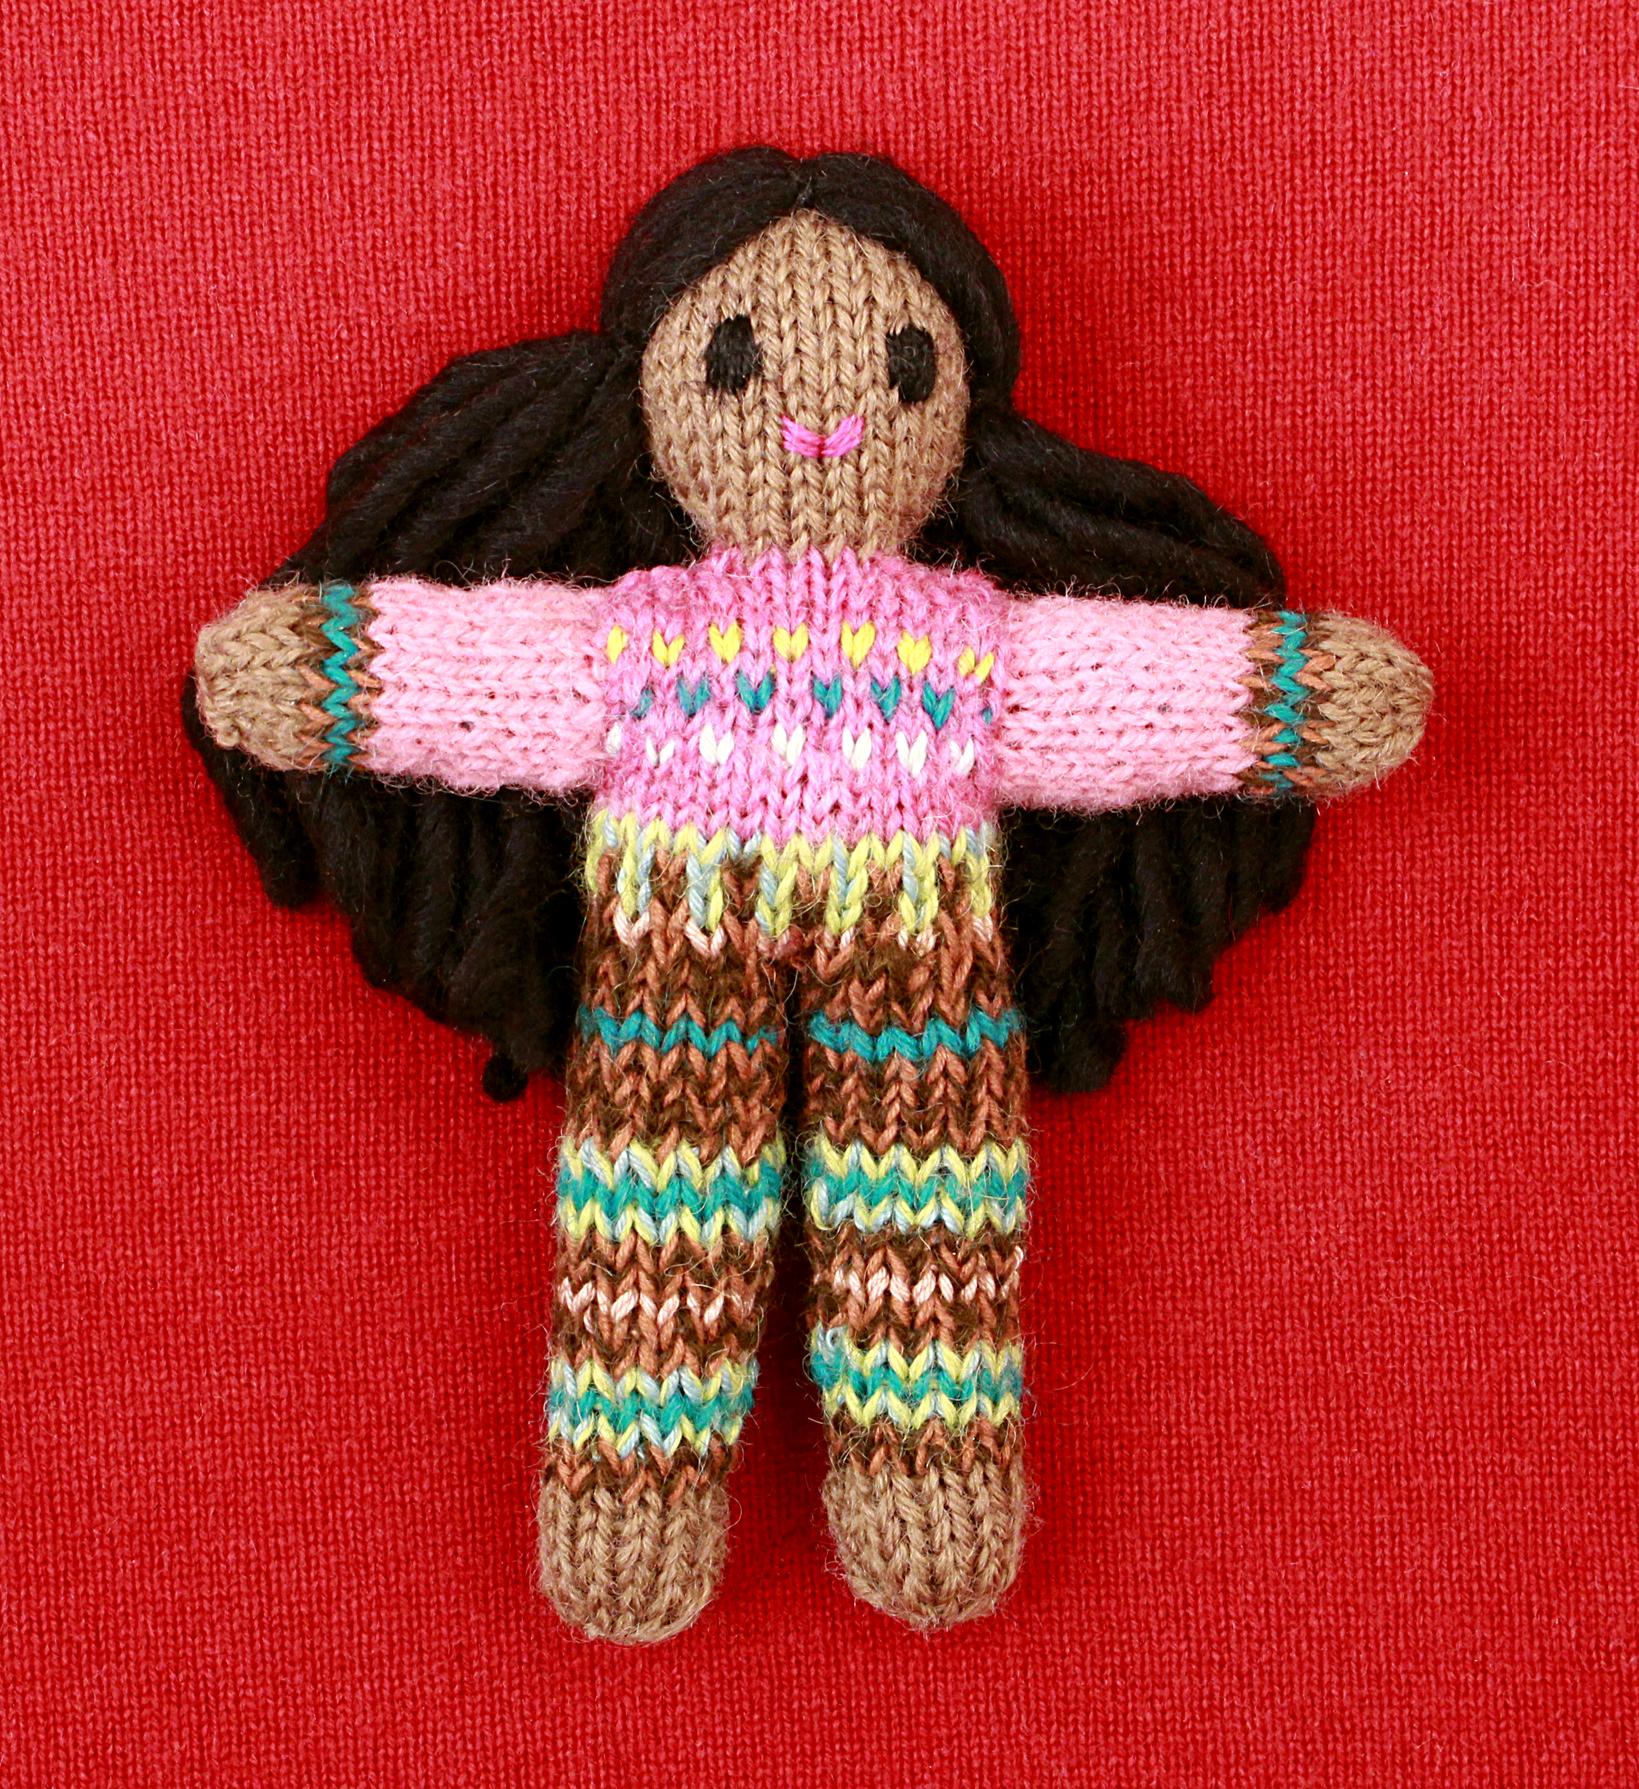 Wee Woolie doll #D0095.